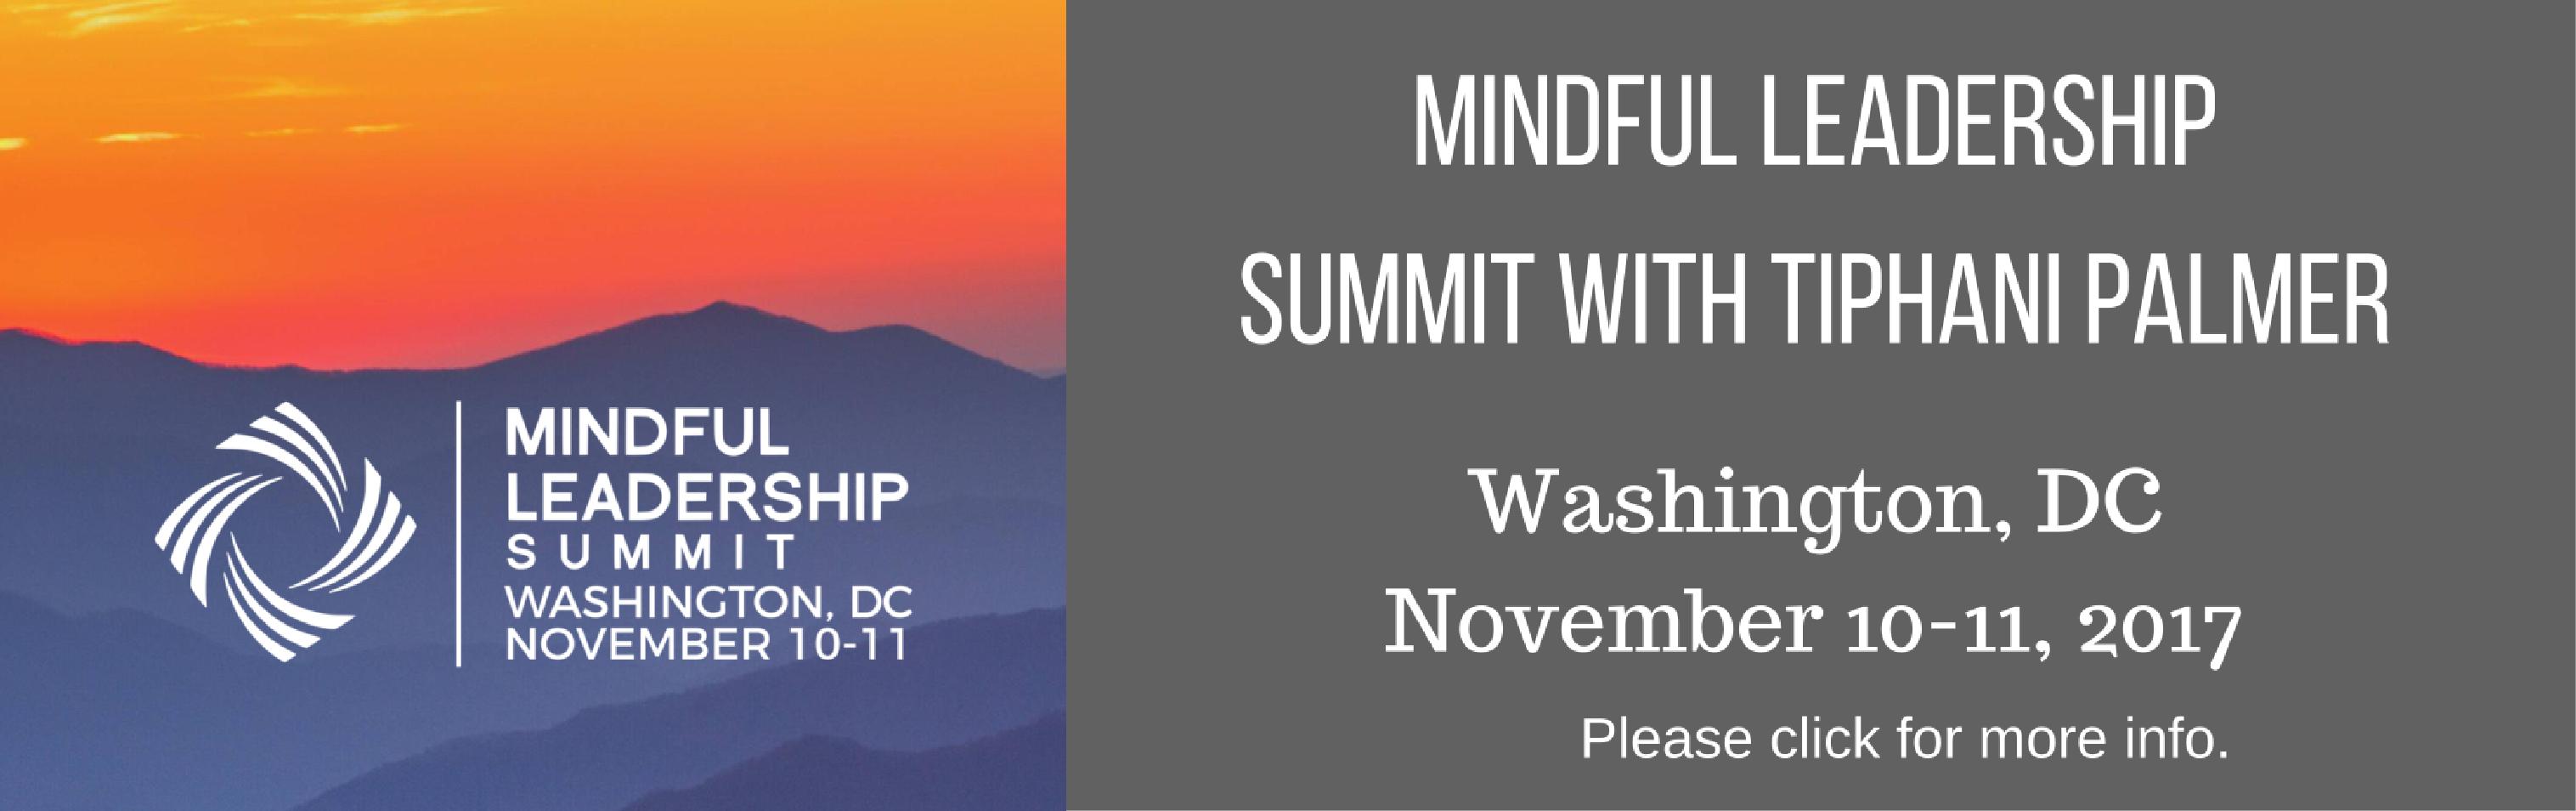 Mindful Leadership Summit